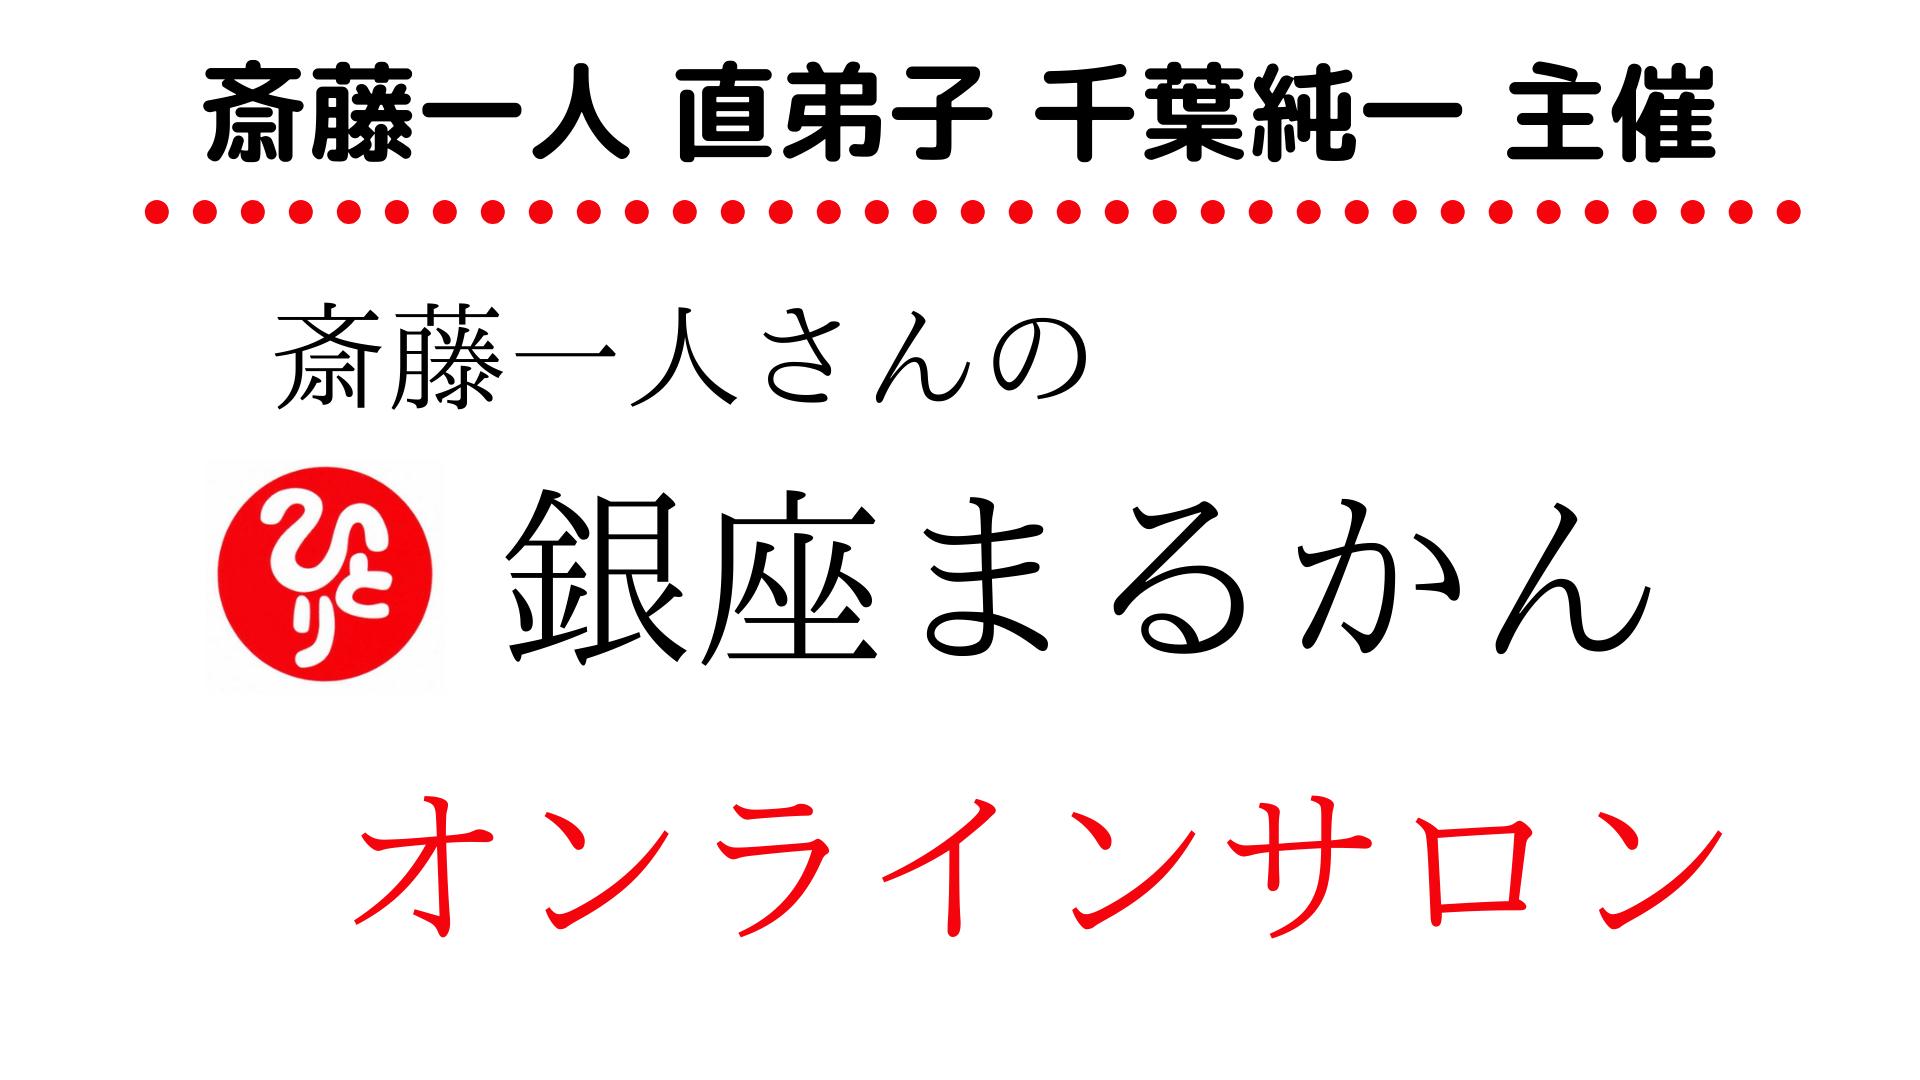 斎藤一人さんの 「銀座まるかん」オンラインサロン